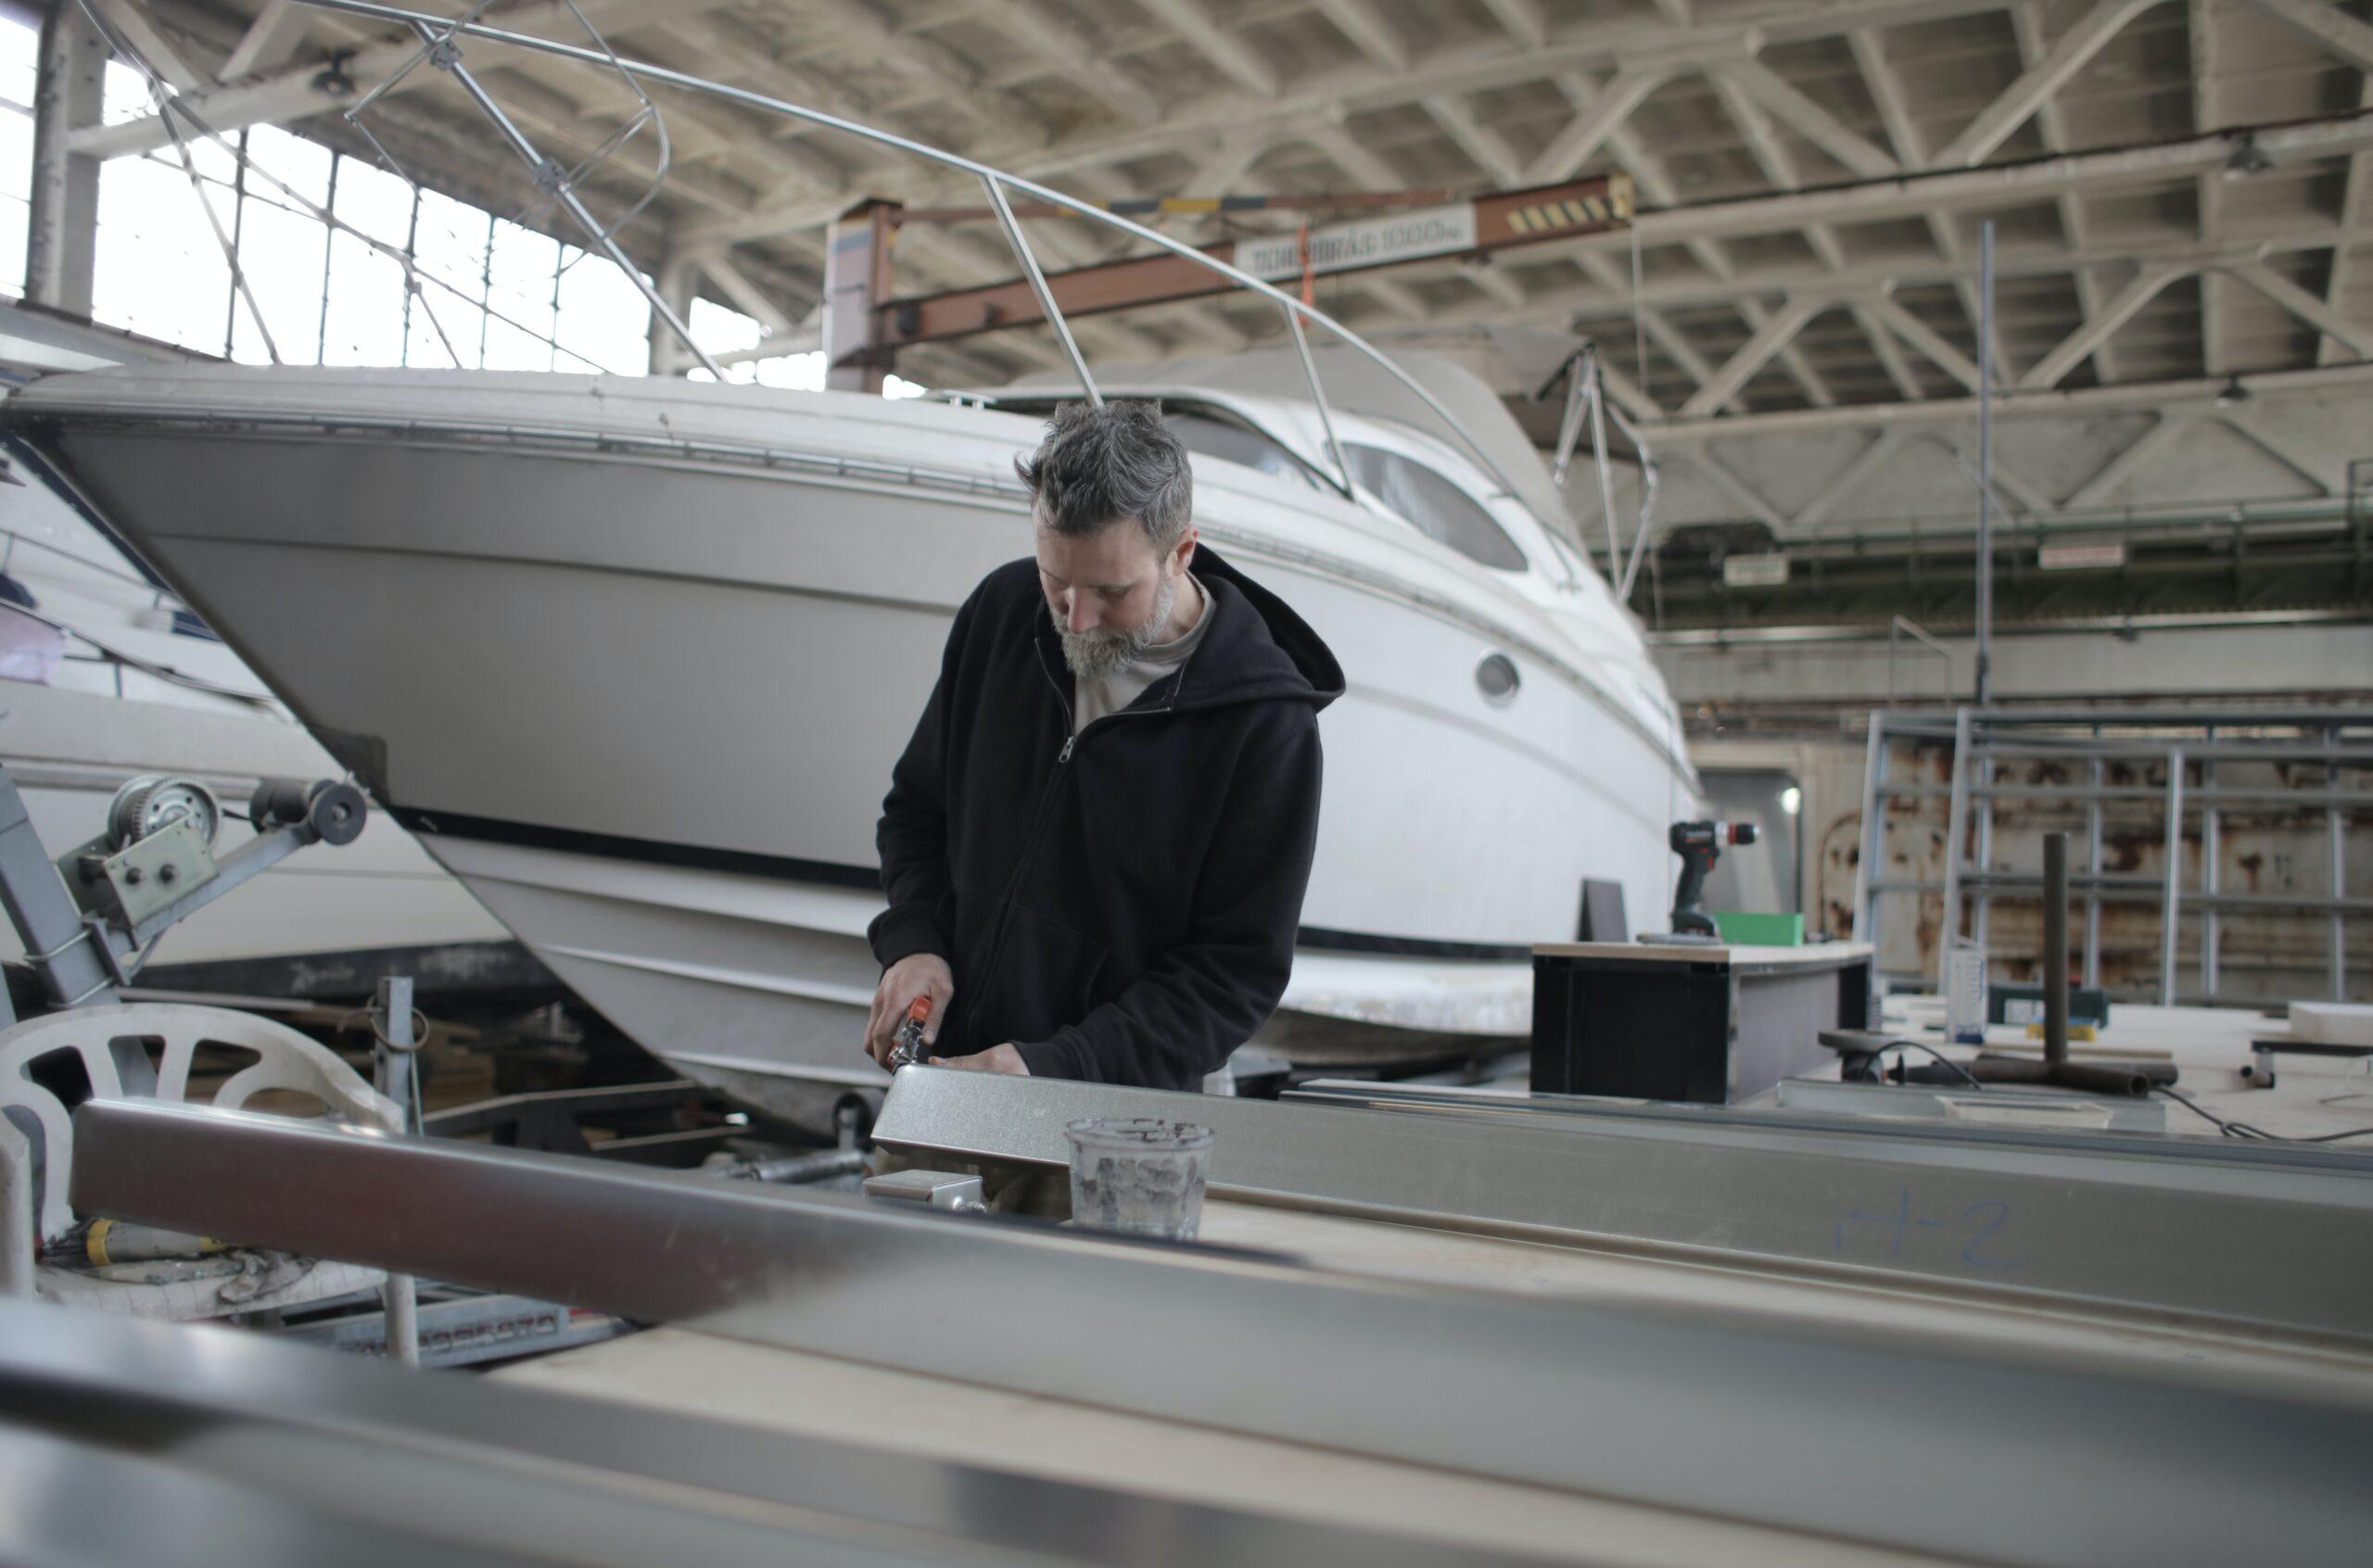 onderdelen boot keuren veilig varen